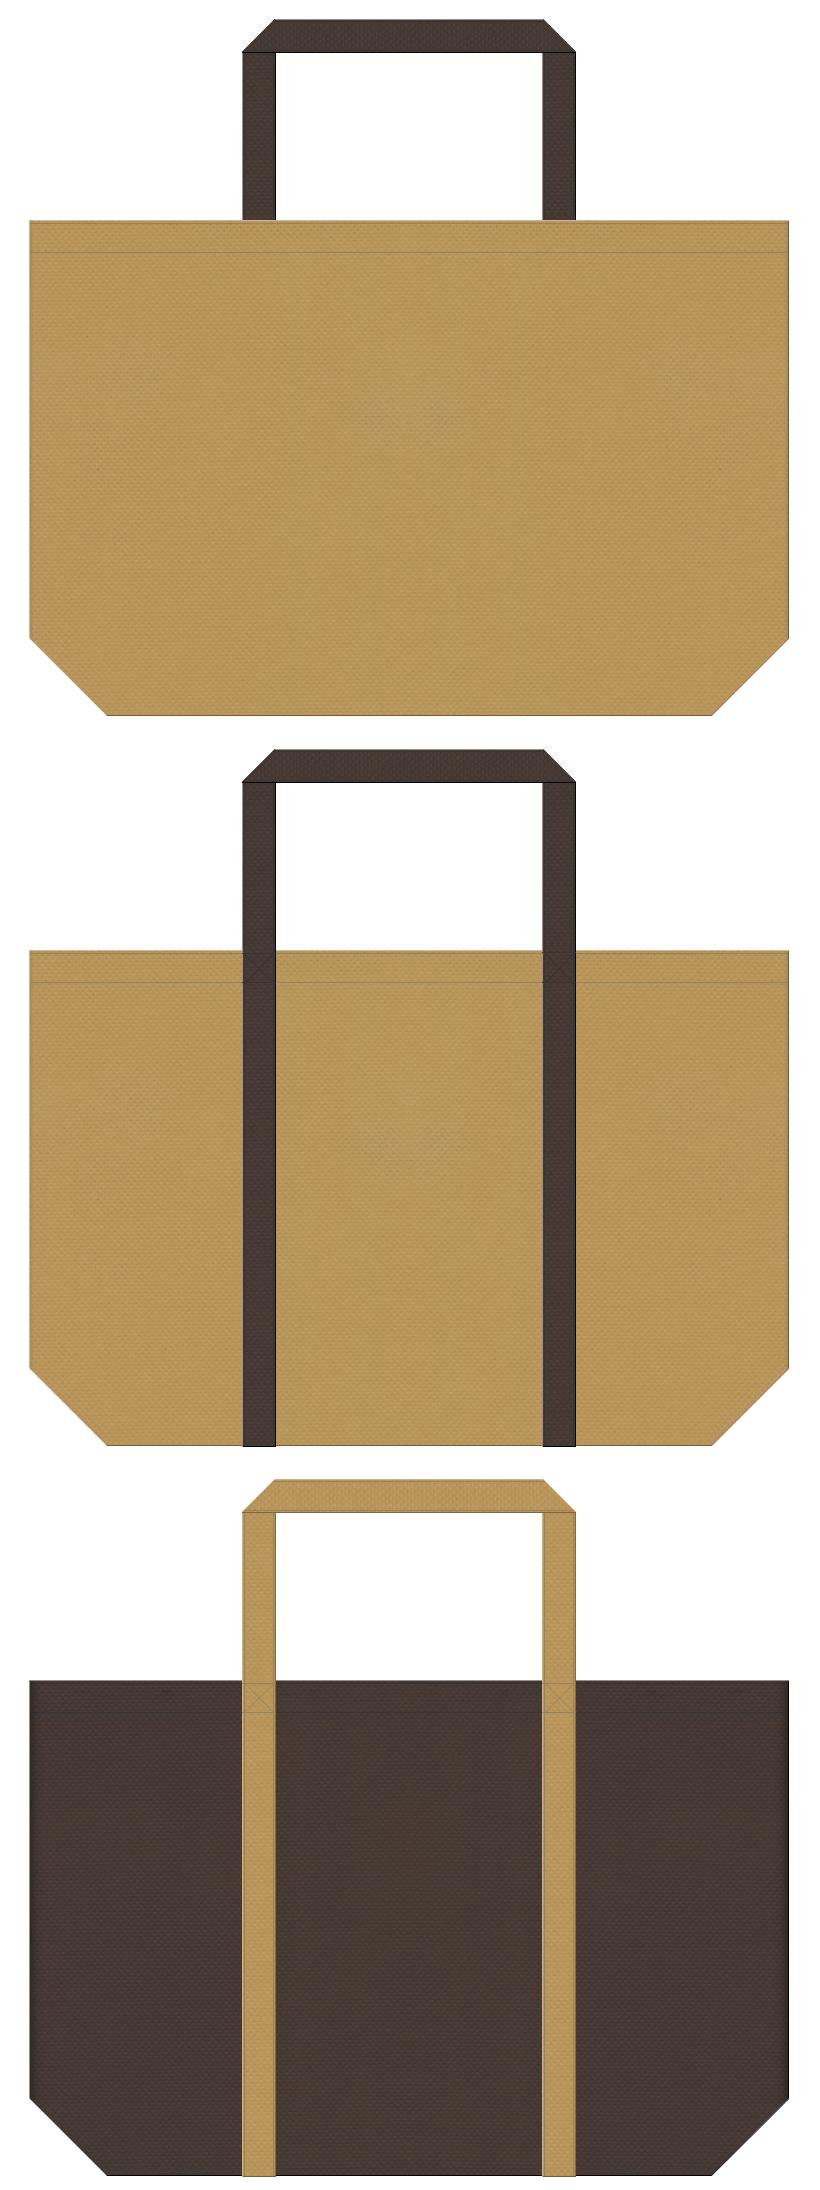 ロッジ・山小屋・ログハウス・住宅展示場・木材・日曜大工・工作教室・DIY・味噌・芋焼酎・料亭・鉄板焼き・石釜パン・レンガ・黒パン・コーヒーロール・カフェ・ベーカリーのショッピングバッグにお奨めの不織布バッグデザイン:金黄土色とこげ茶色のコーデ